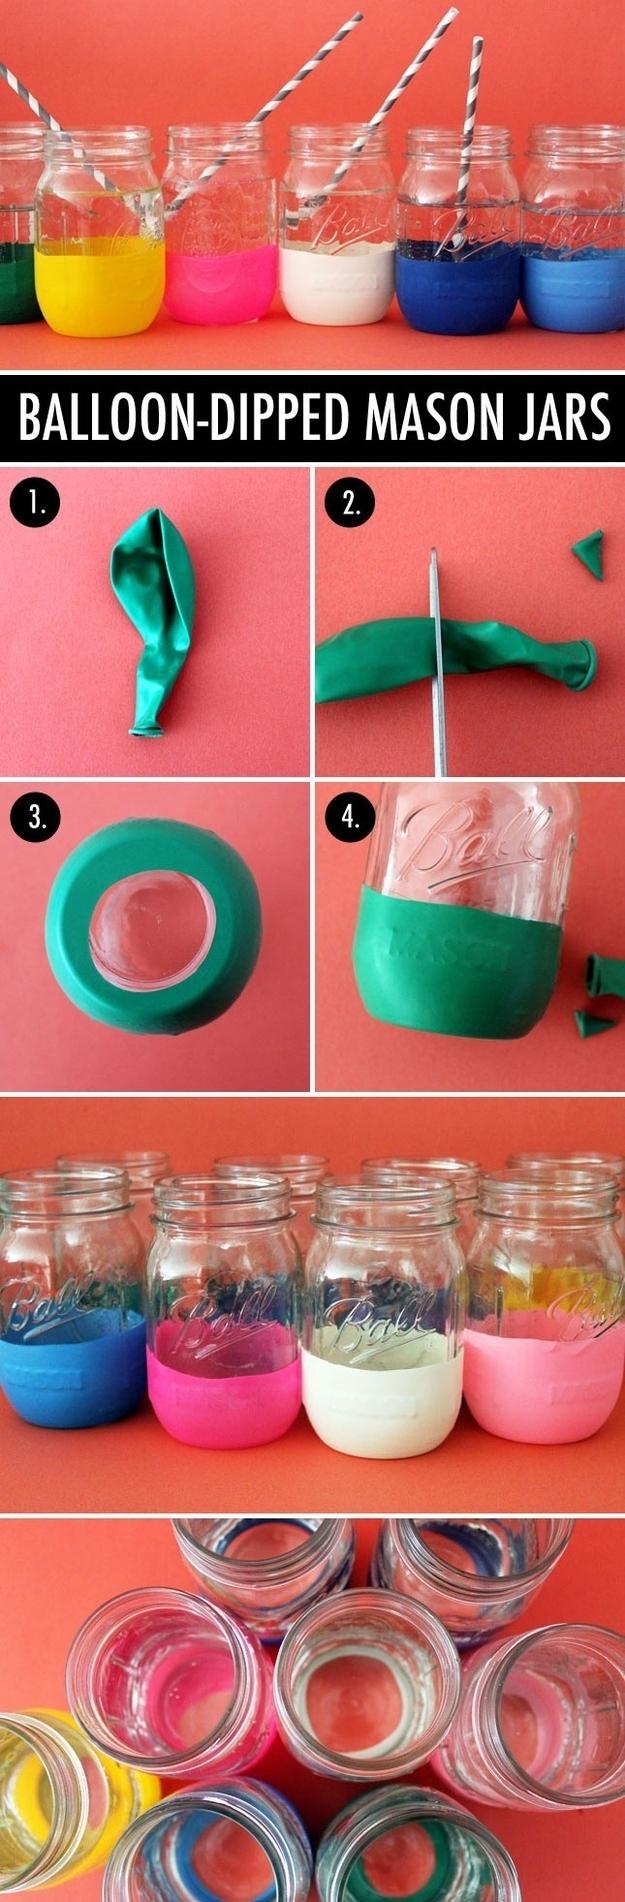 Diy projects with mason jars - Diy Balloon Dipped Mason Jars